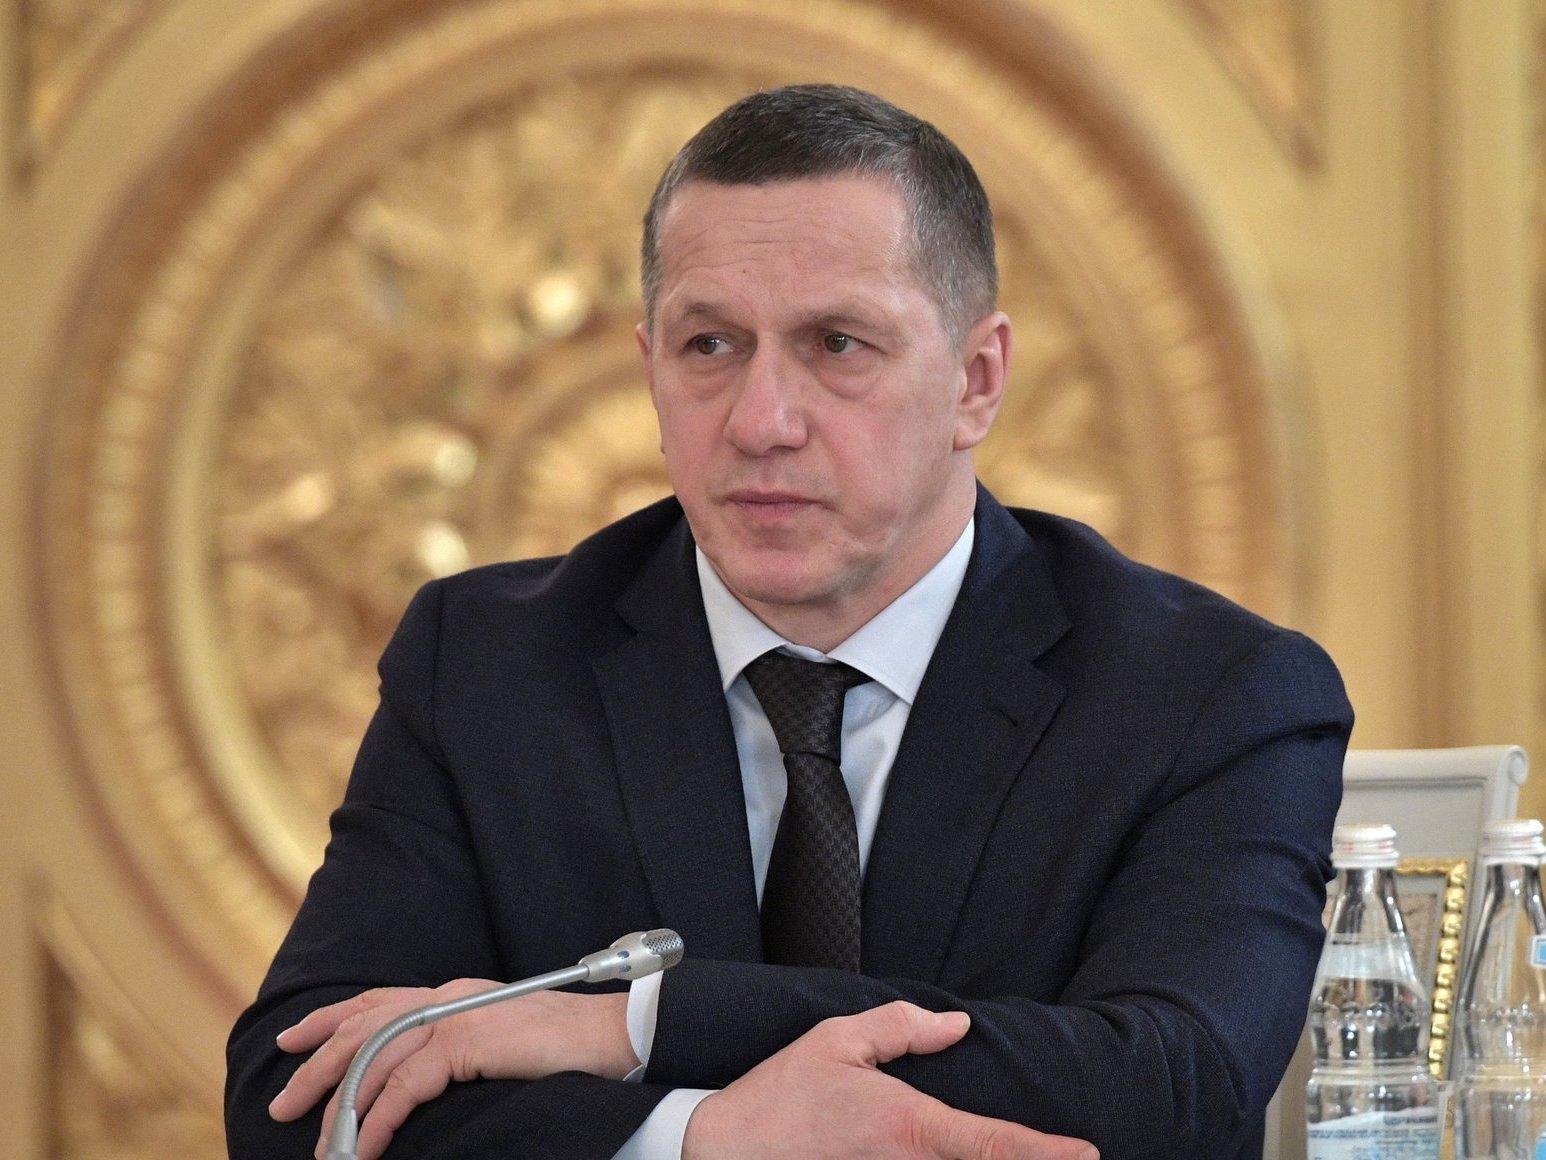 Трутнев: РФ сама проследит заисполнением интернациональных обязанностей в собственных портах